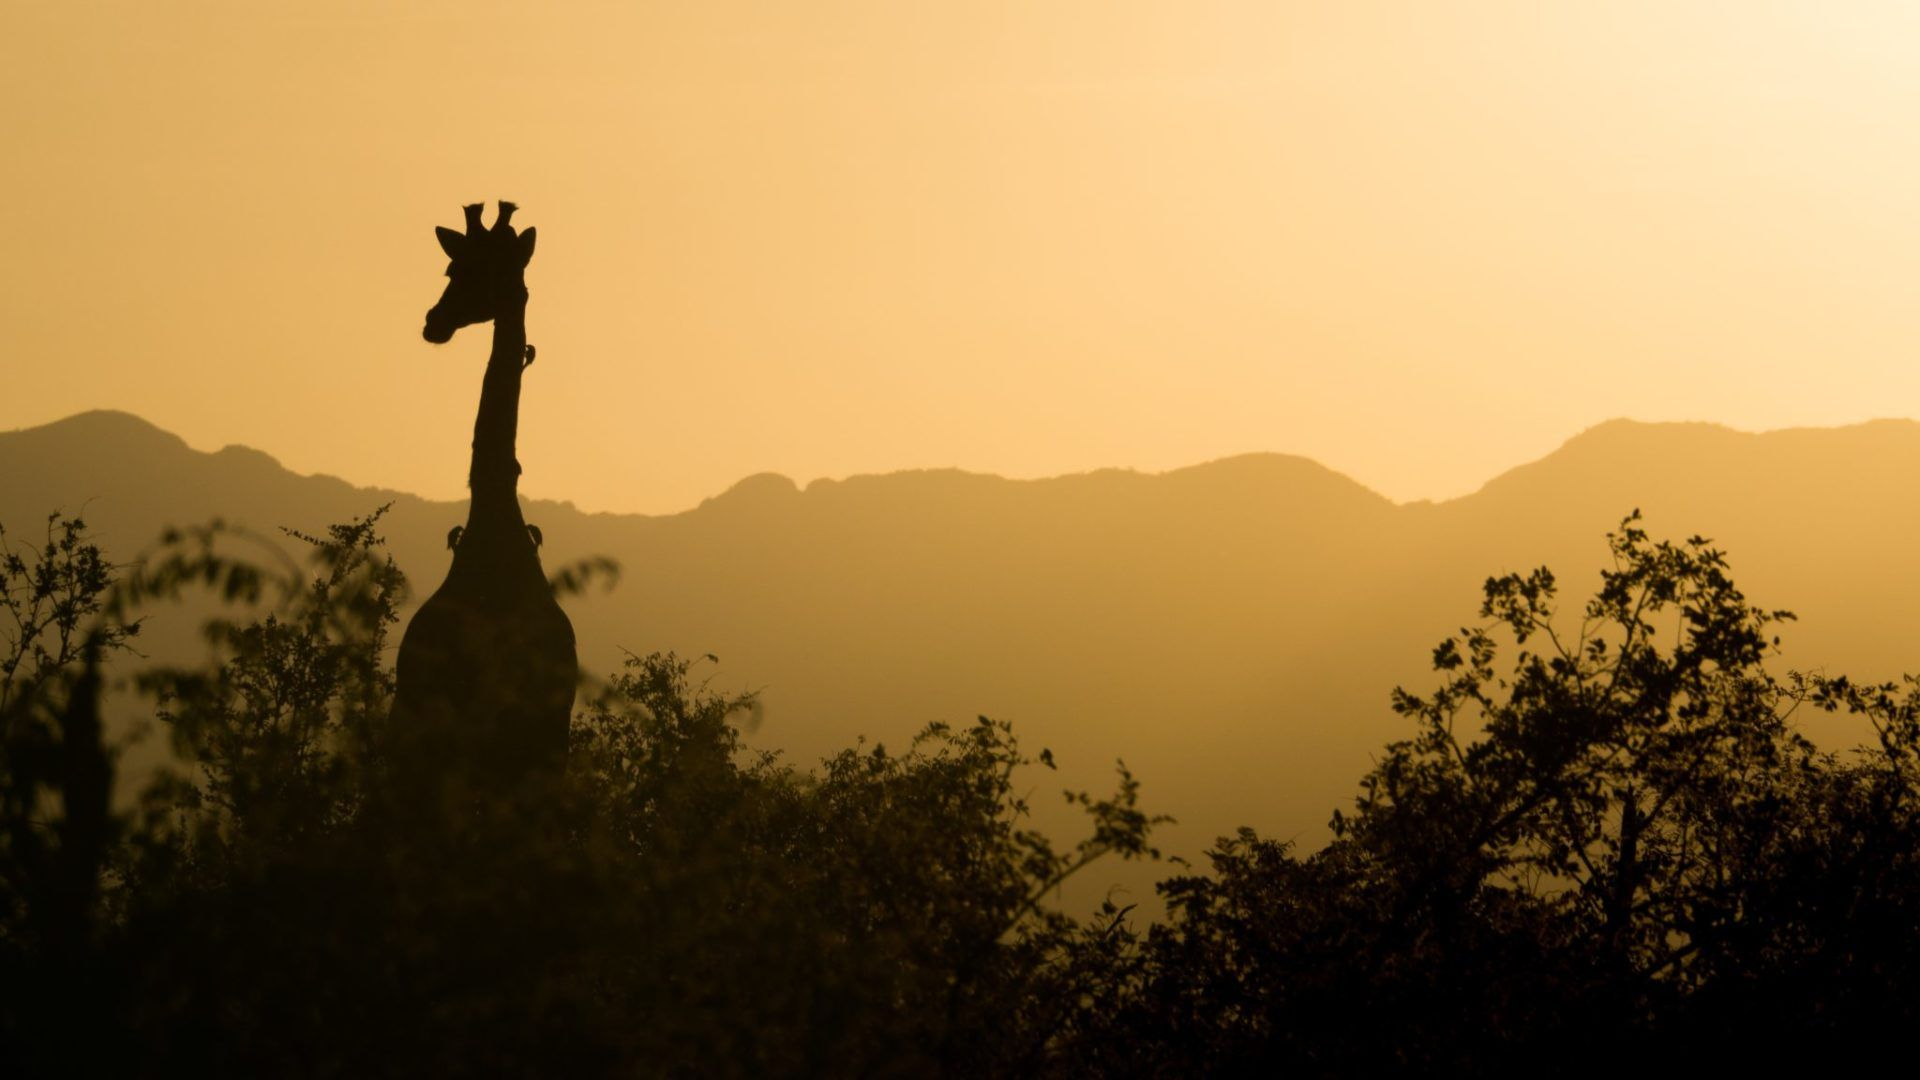 Paysages De L Afrique Du Sud 34 Afrique Centrale Afrique Animaux Afrique